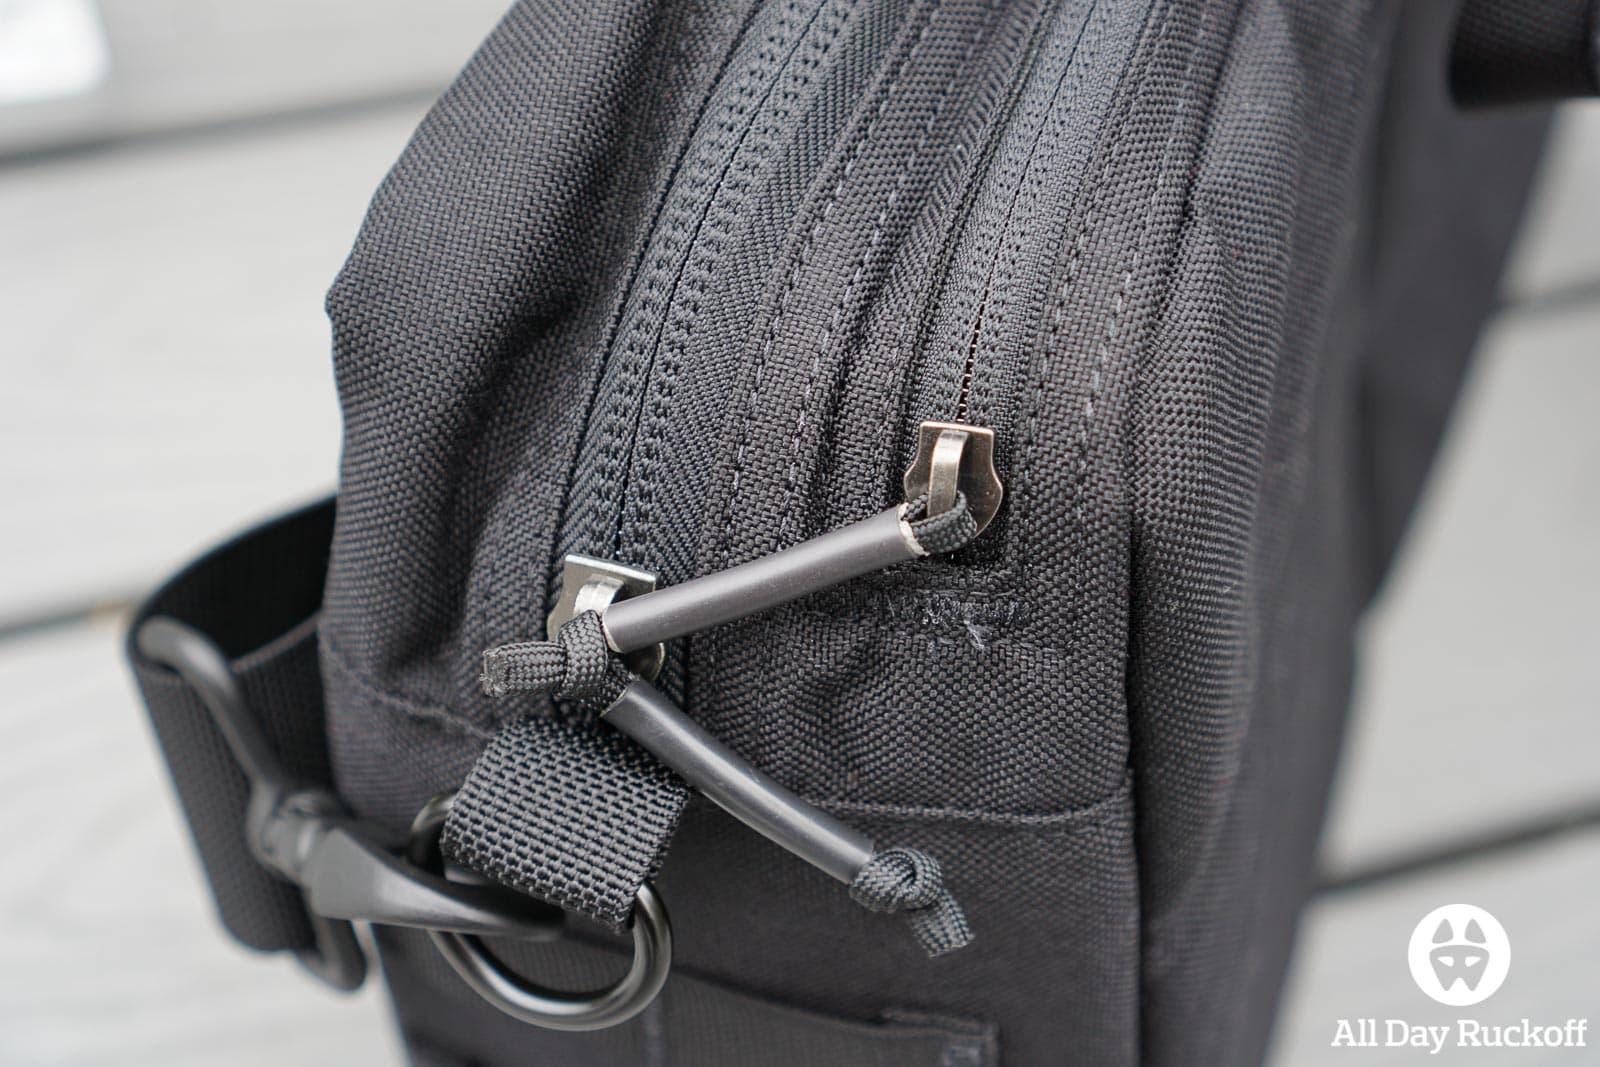 GORUCK Shoulder Bag 15L - Zippers